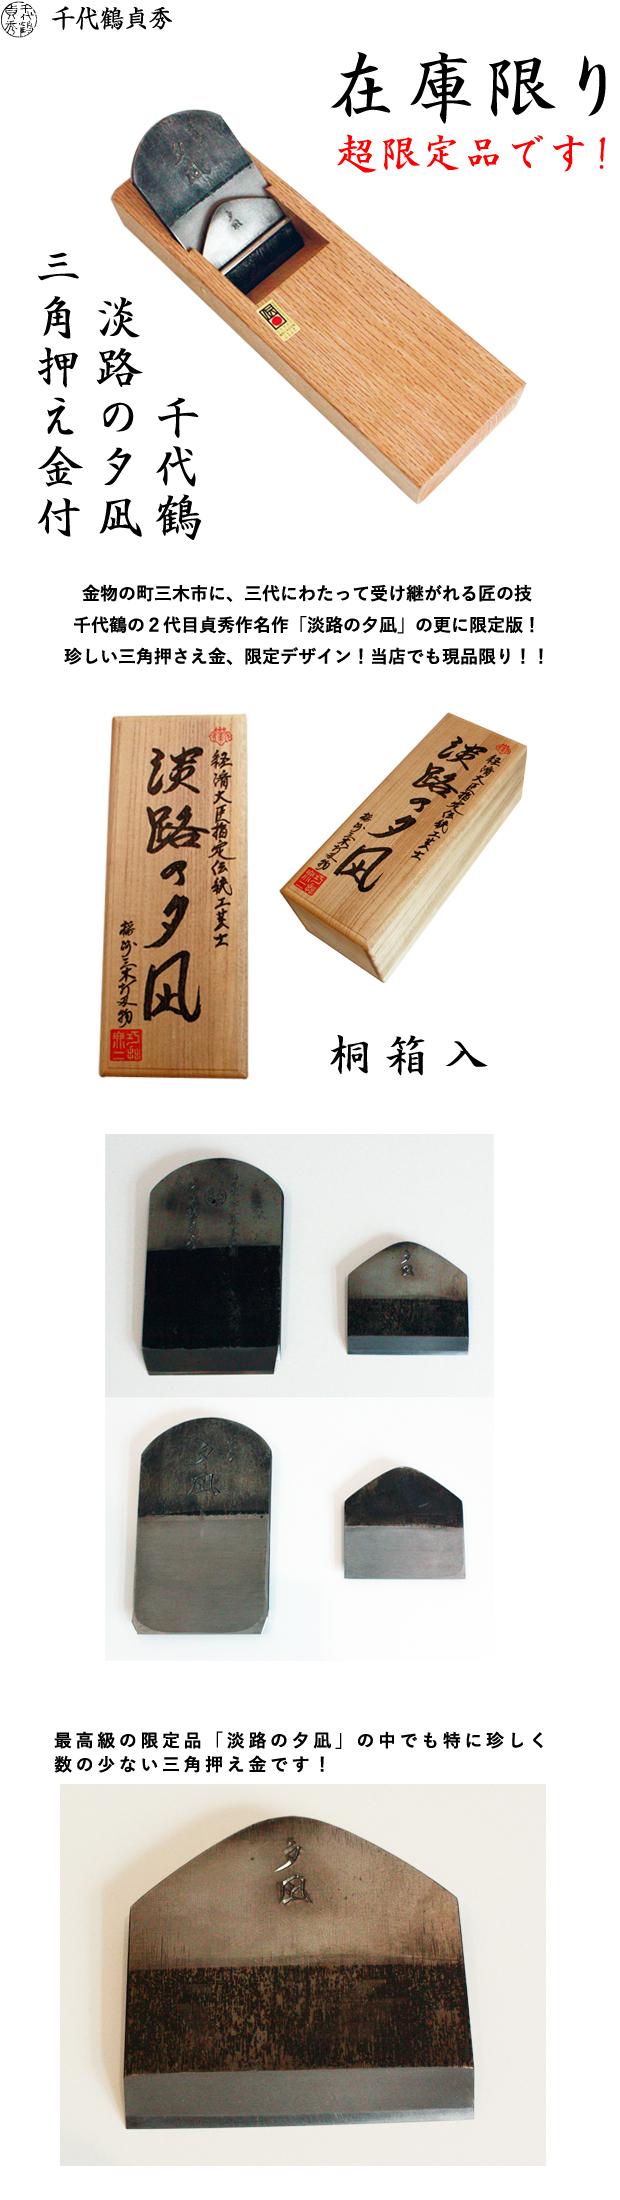 千代鶴貞秀 「淡路の夕凪」三角押え金  寸八 白台 桐箱入